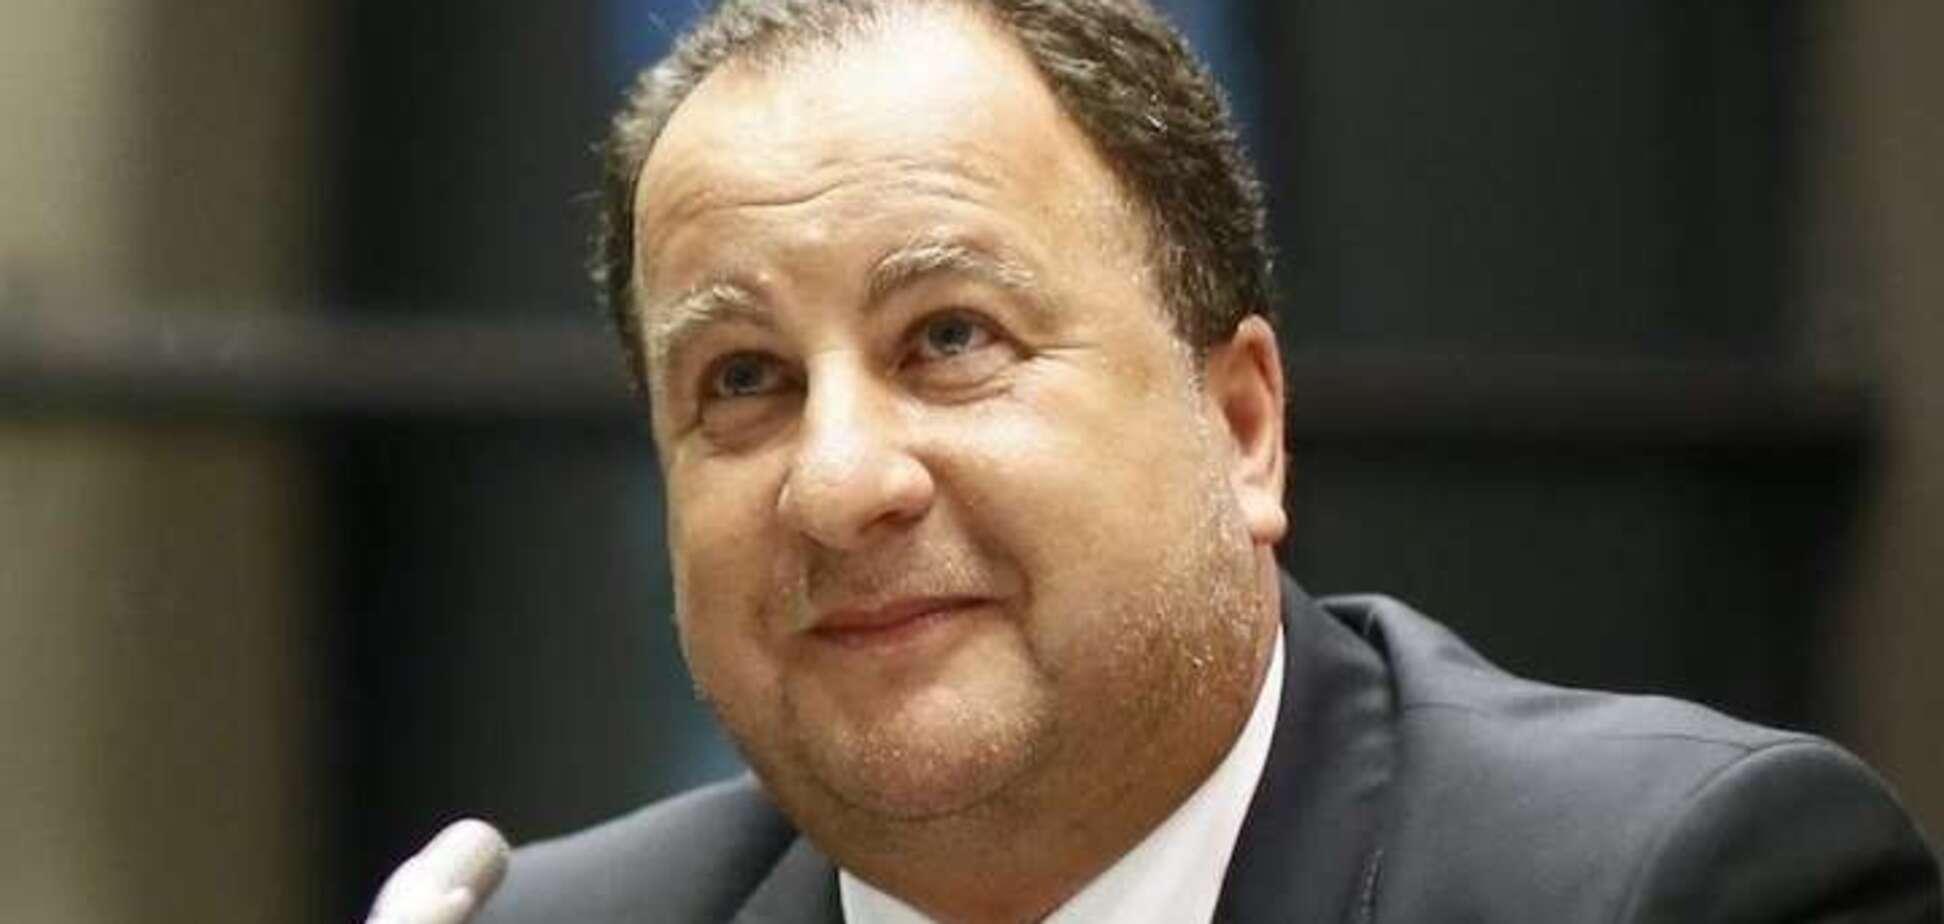 Спикер форума YES сравнил законопроект об олигархах c реестром евреев, который вели нацисты